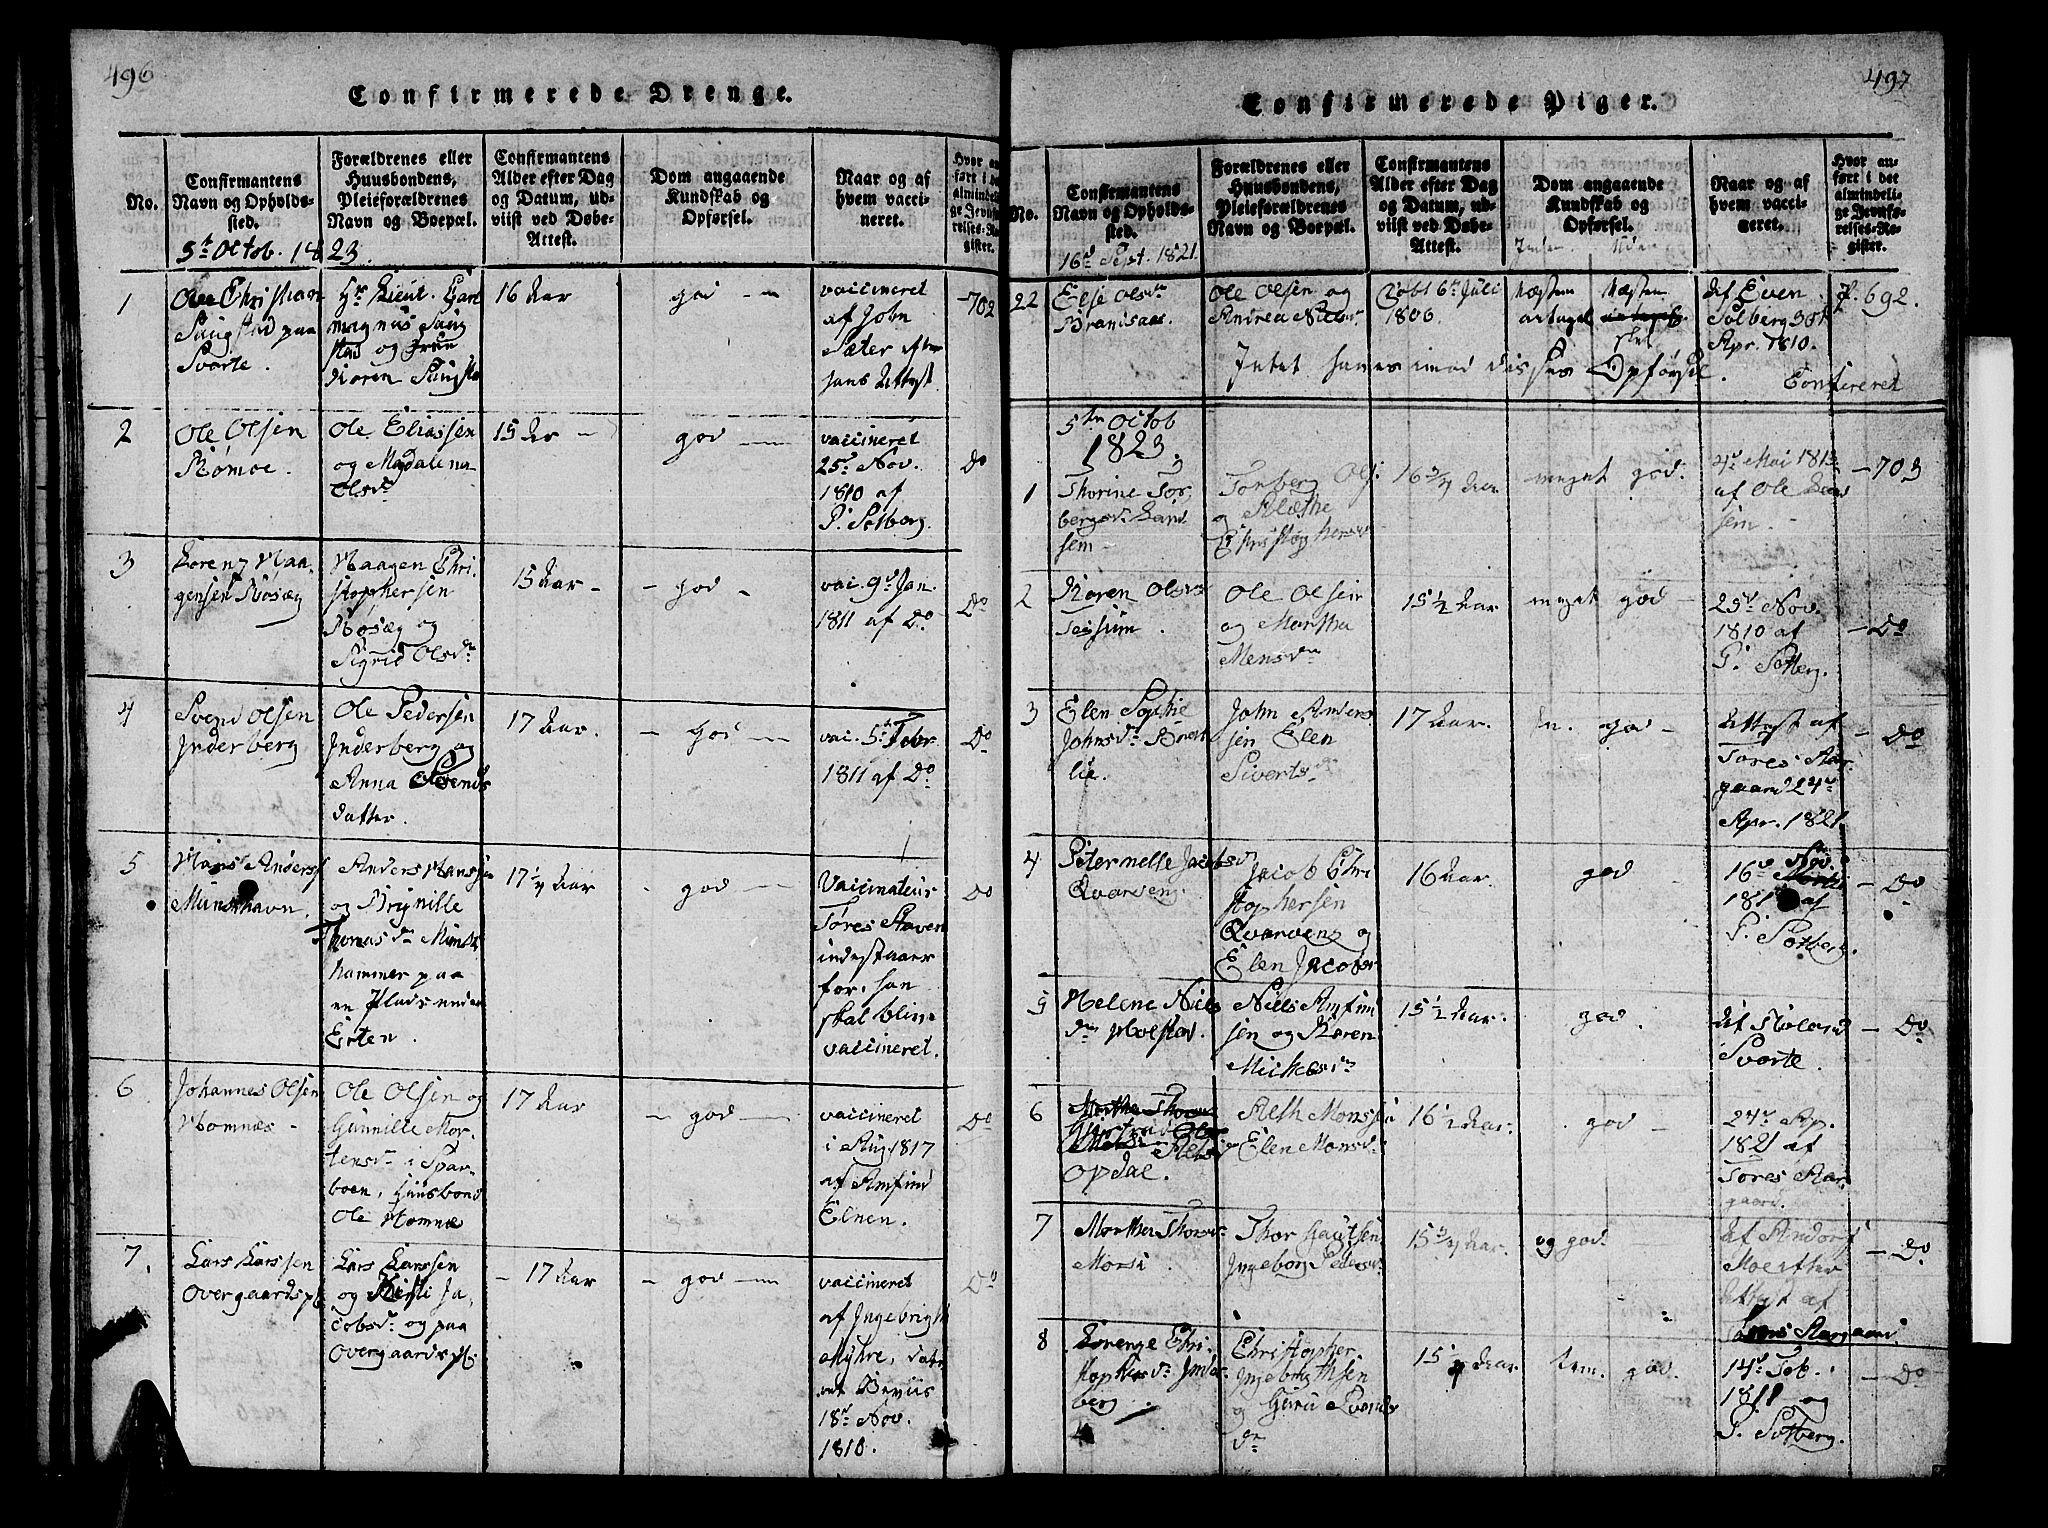 SAT, Ministerialprotokoller, klokkerbøker og fødselsregistre - Nord-Trøndelag, 741/L0400: Klokkerbok nr. 741C01, 1817-1825, s. 496-497